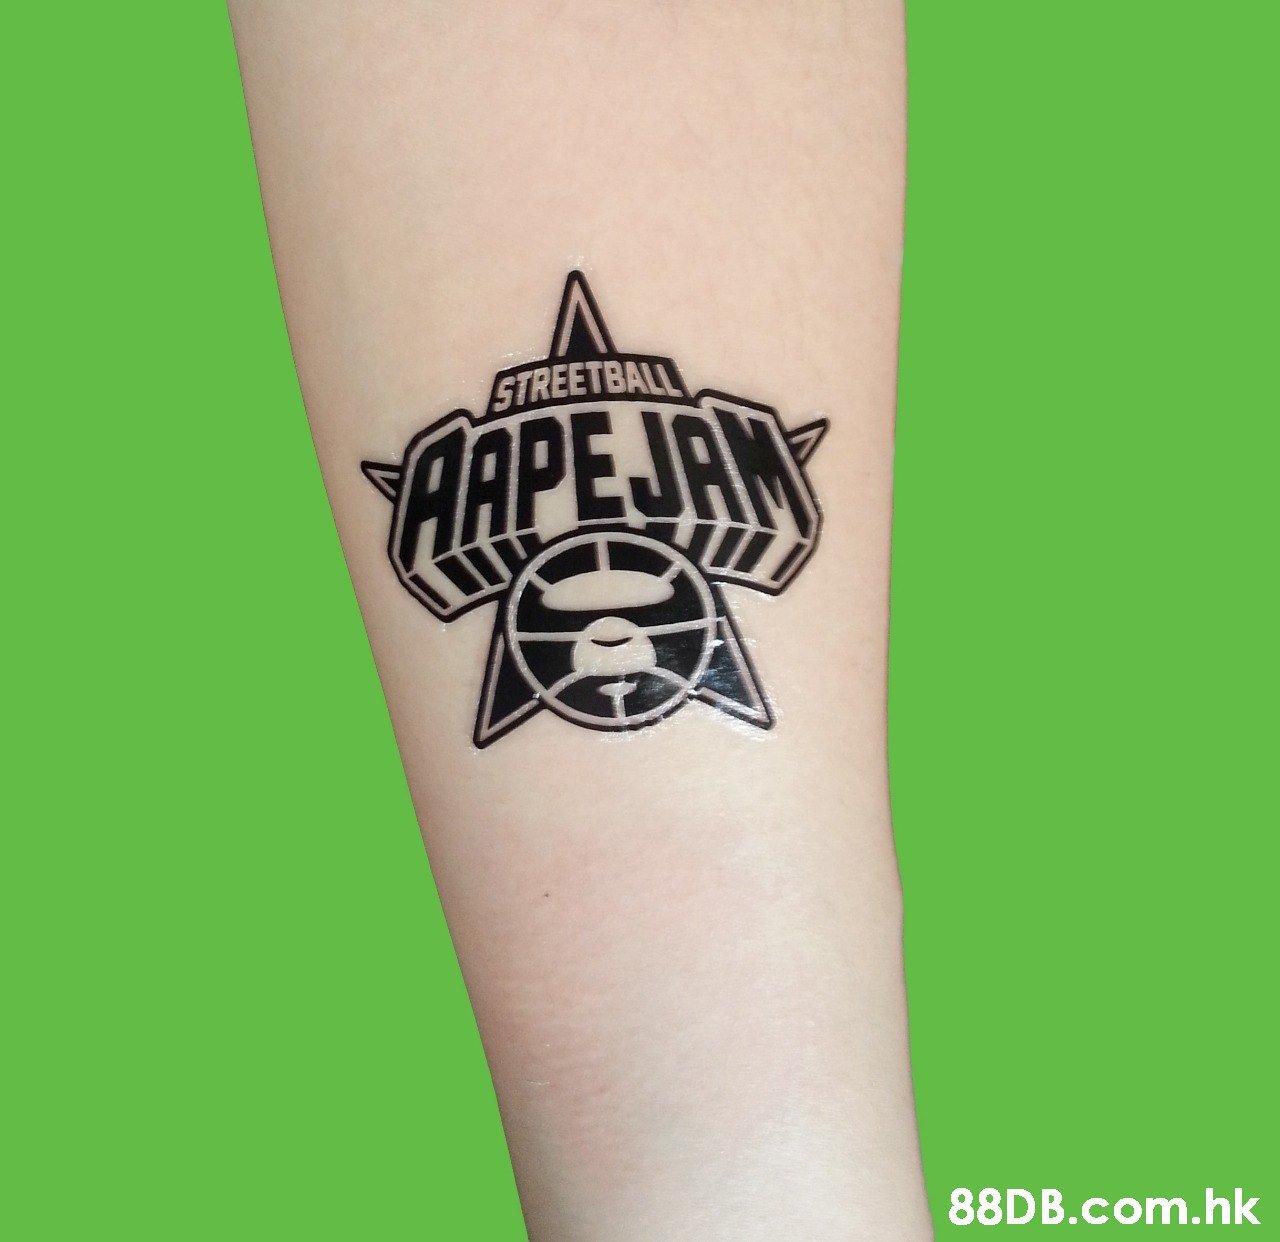 STREETBALL APEJAN .hk  Temporary tattoo,Tattoo,Arm,Font,Hand